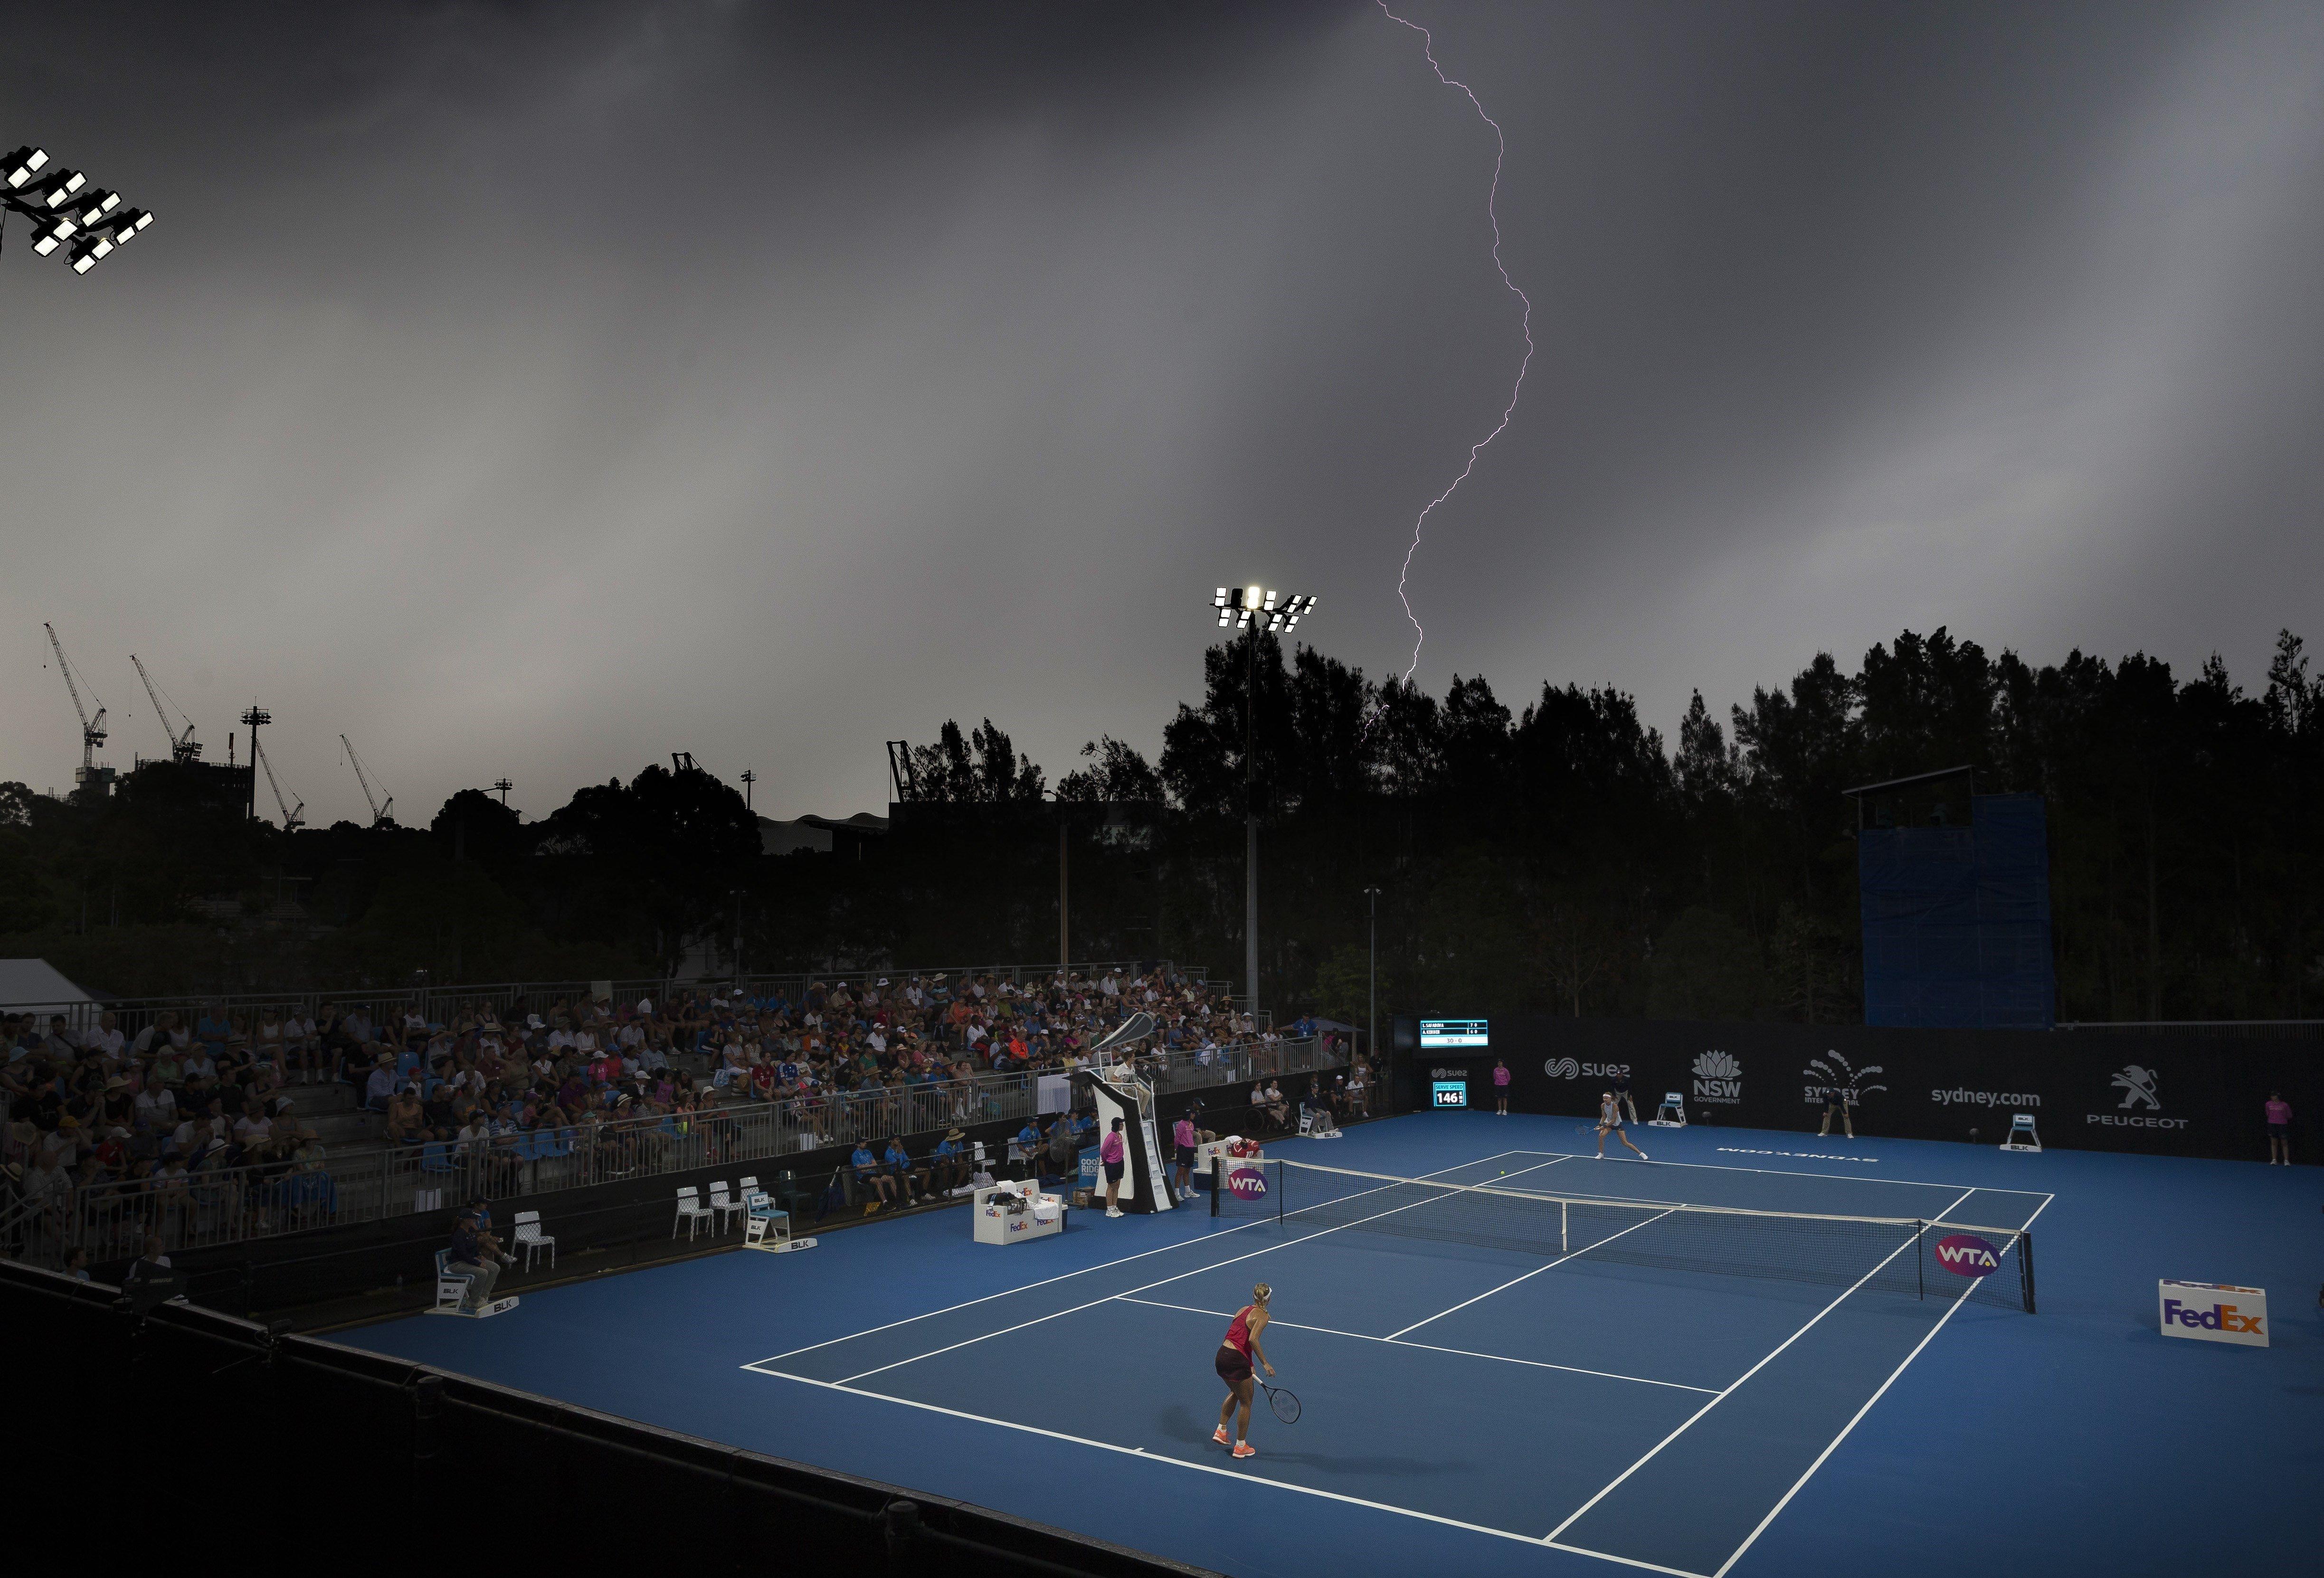 Un raig cau travessa el partit entre l'alemanya Angelique Kerber i la txeca Lucie Safarova en el torneig de Sidney (Austràlia) moments abans que ser suspès pel mal temps. /CRAIG GOLDING